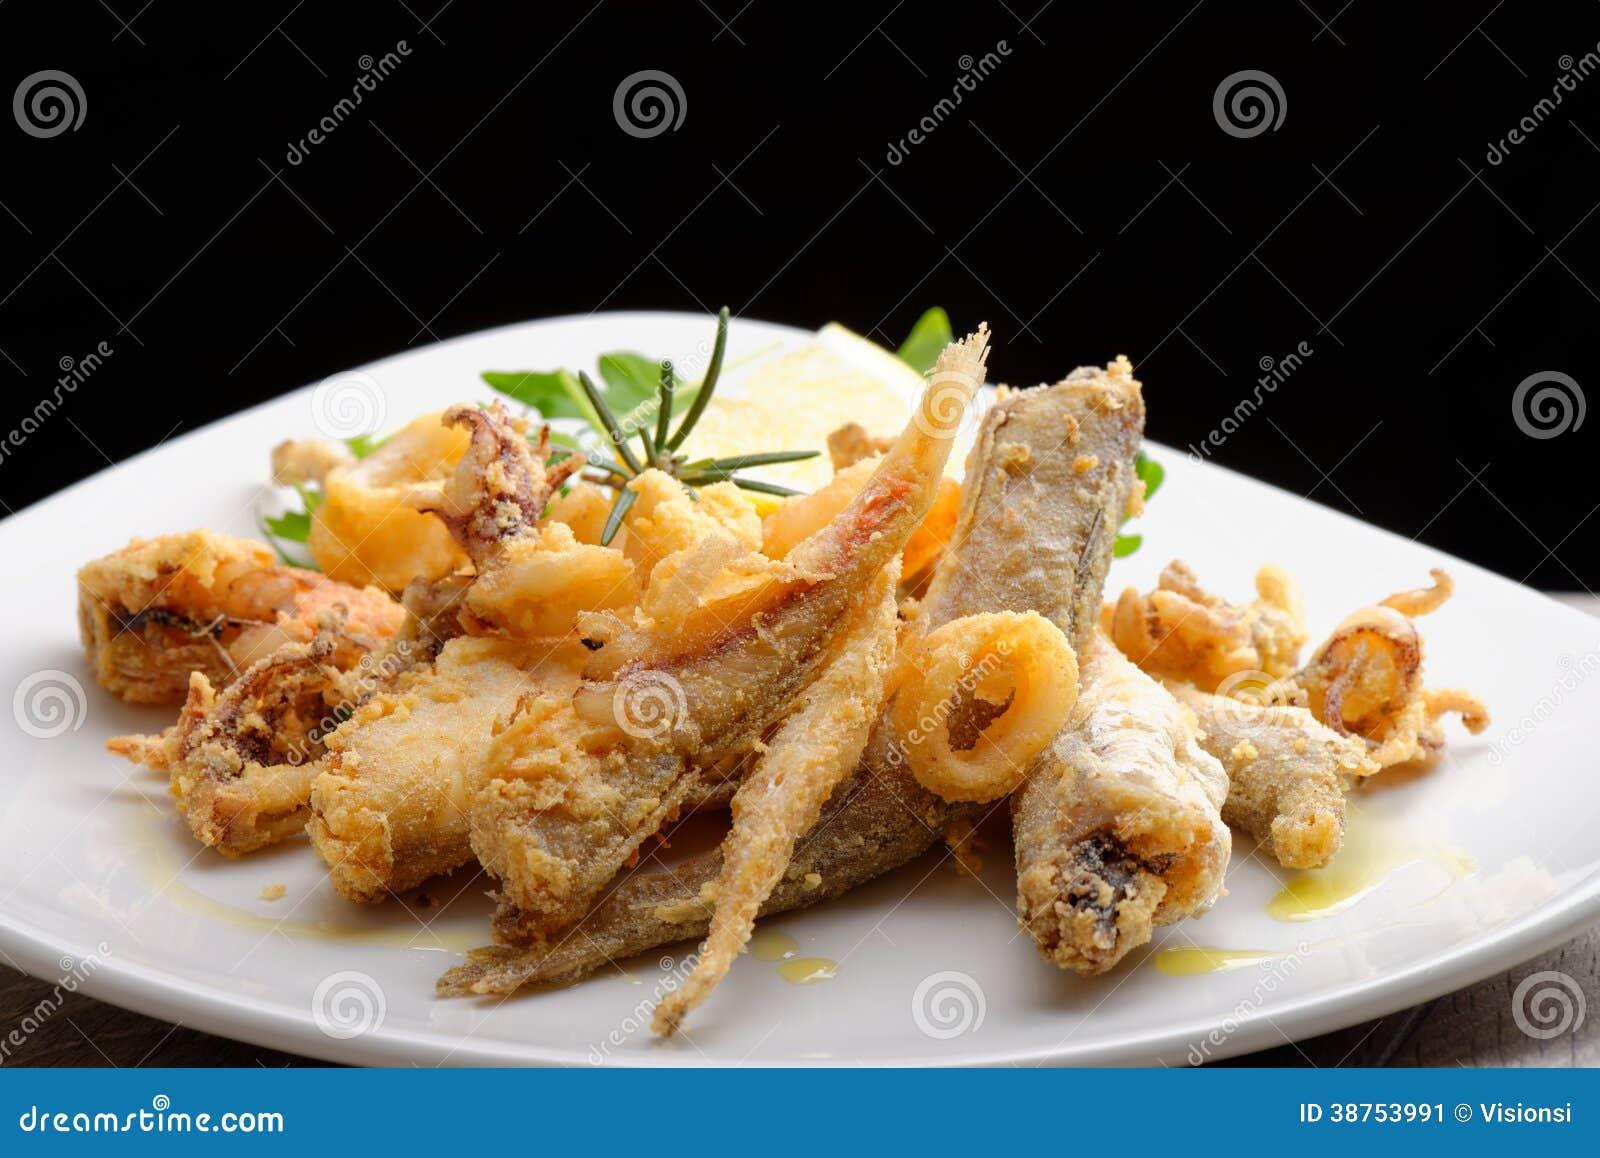 Una porción de pescados fritos mezclados